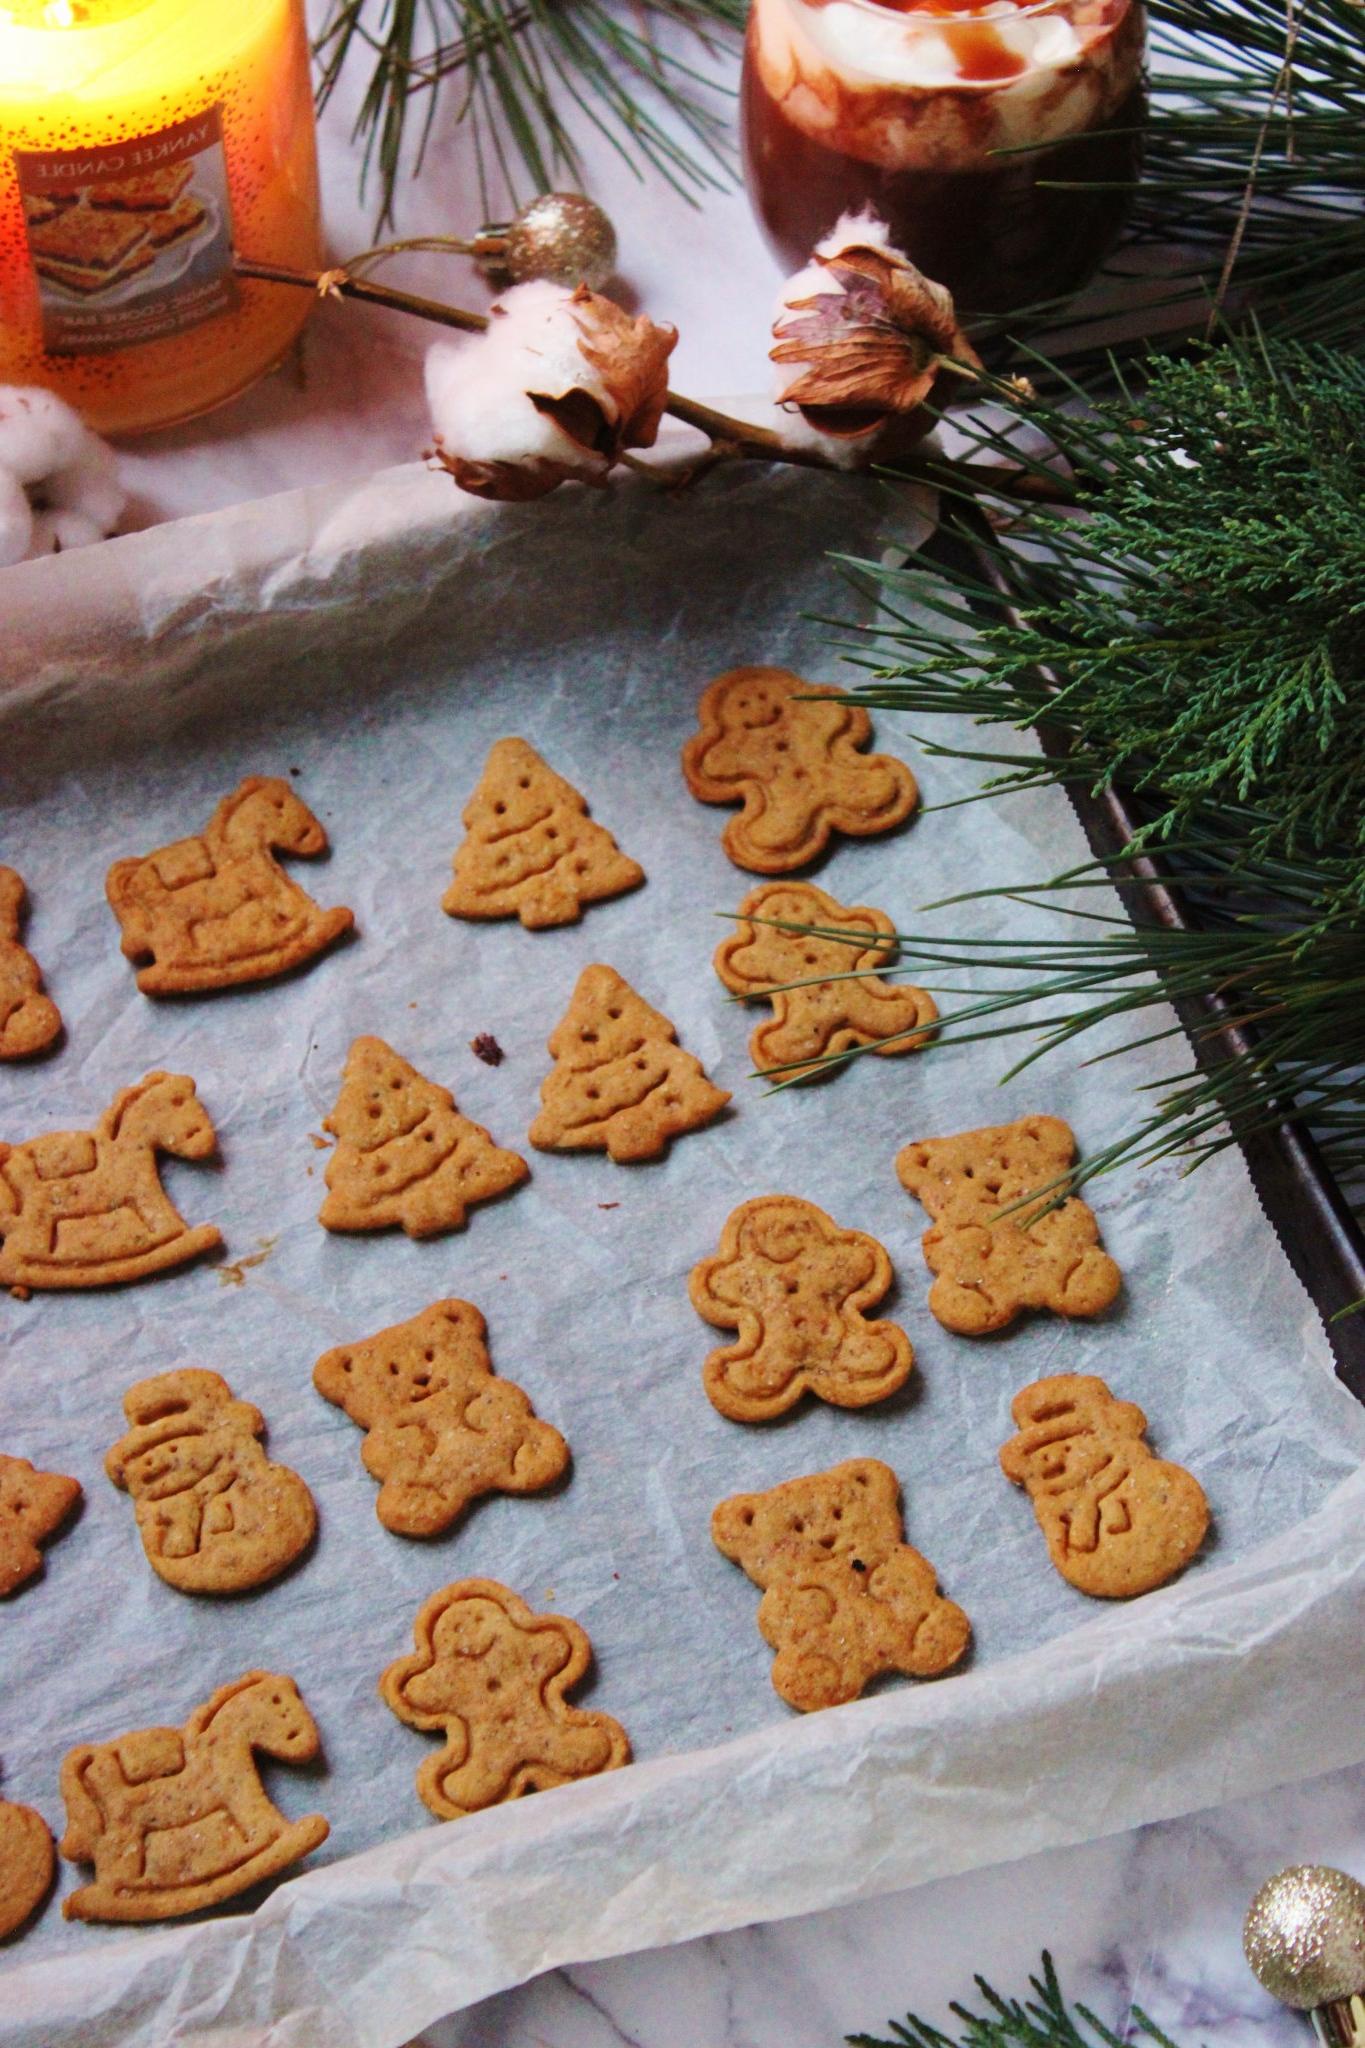 Biscuits au beurre de cacahuètes - une recette gourmande